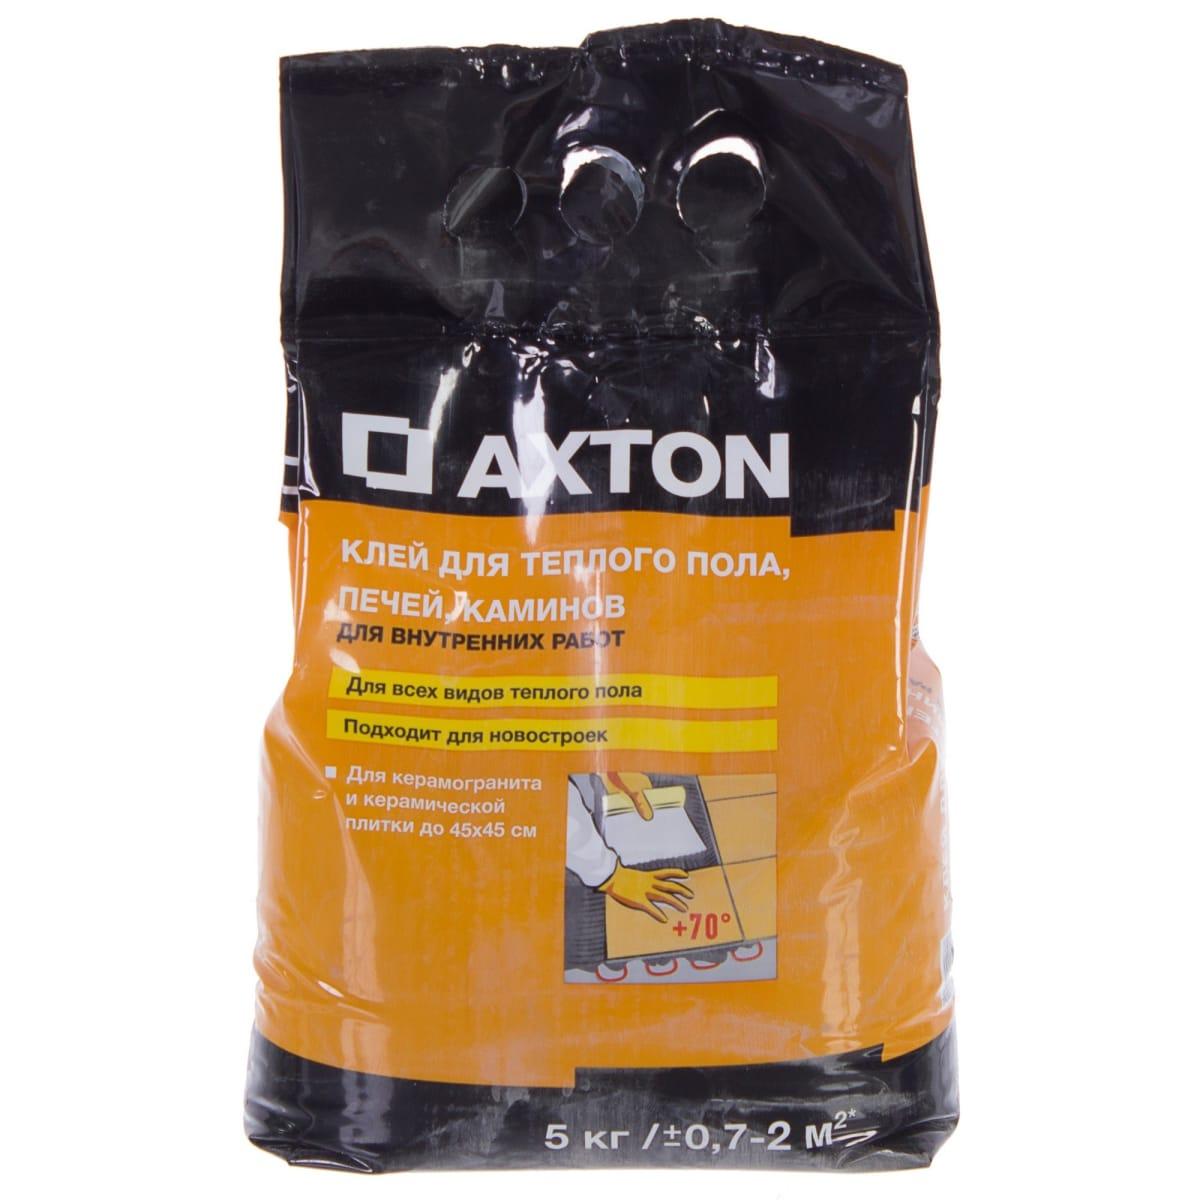 Клей для плитки с тёплым полом Axton 5 кг